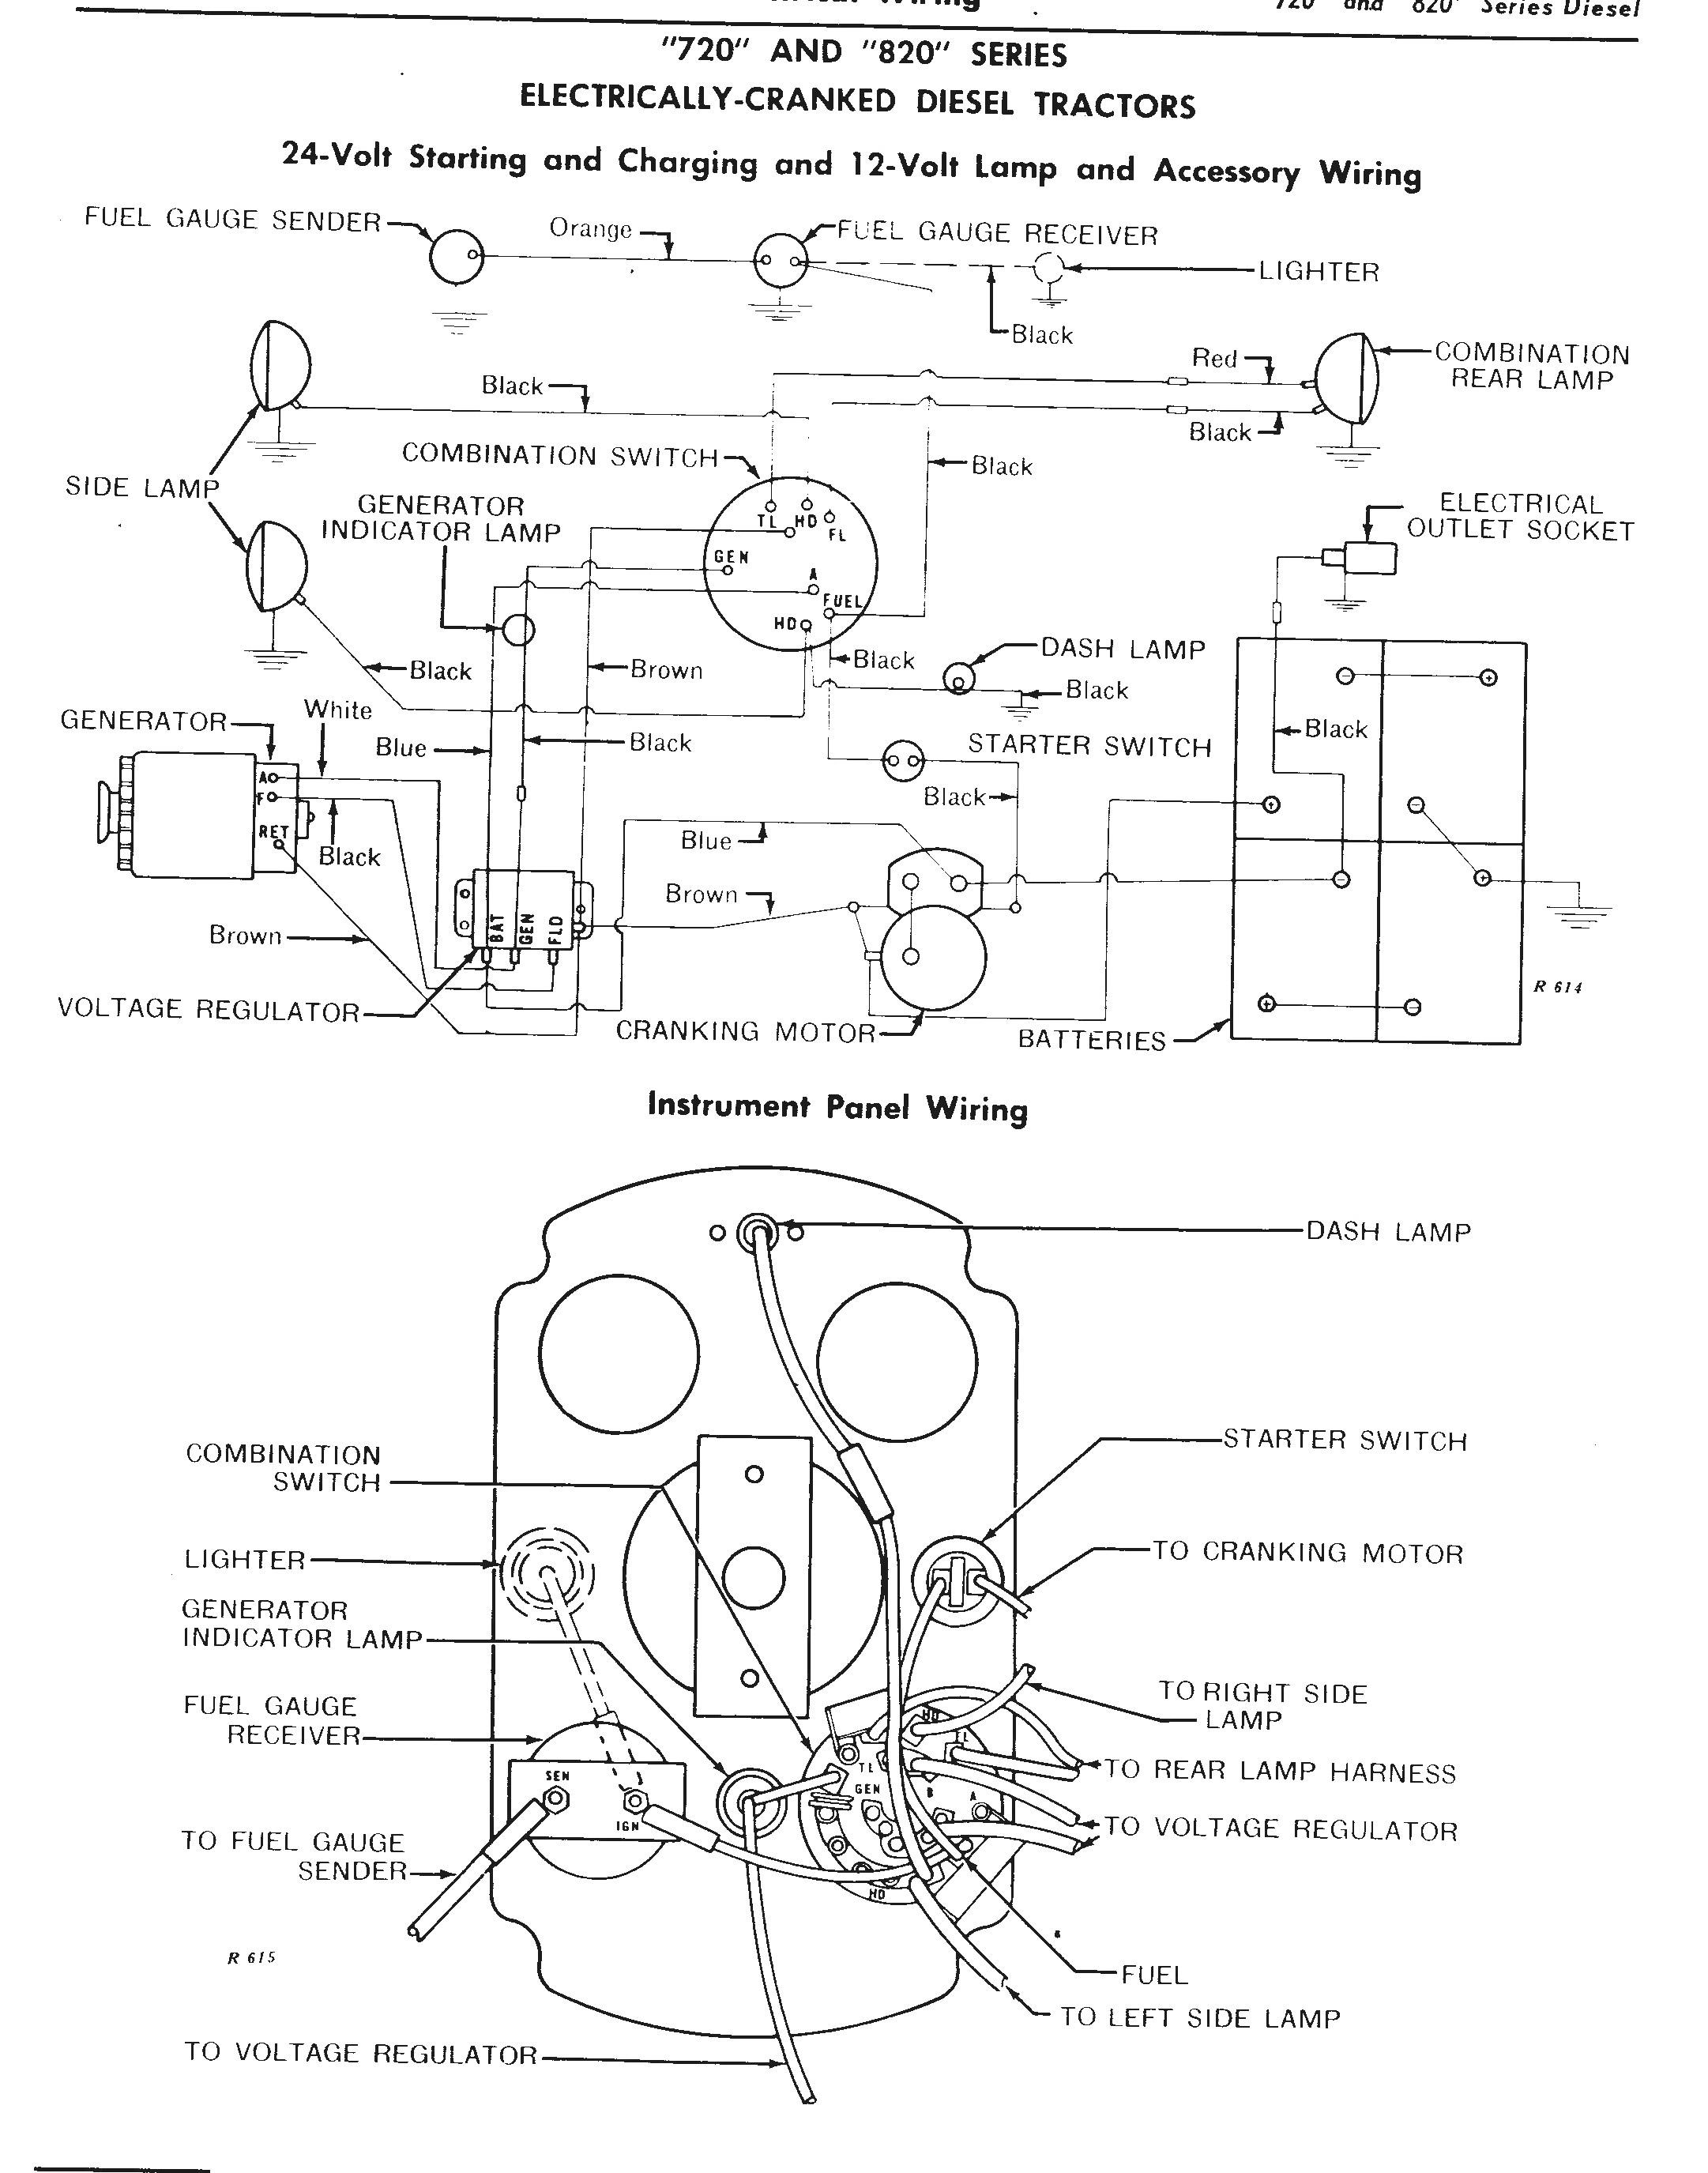 4020 12 Volt Wiring Diagram 3000 Tractor Wiring Of 4020 12 Volt Wiring Diagram